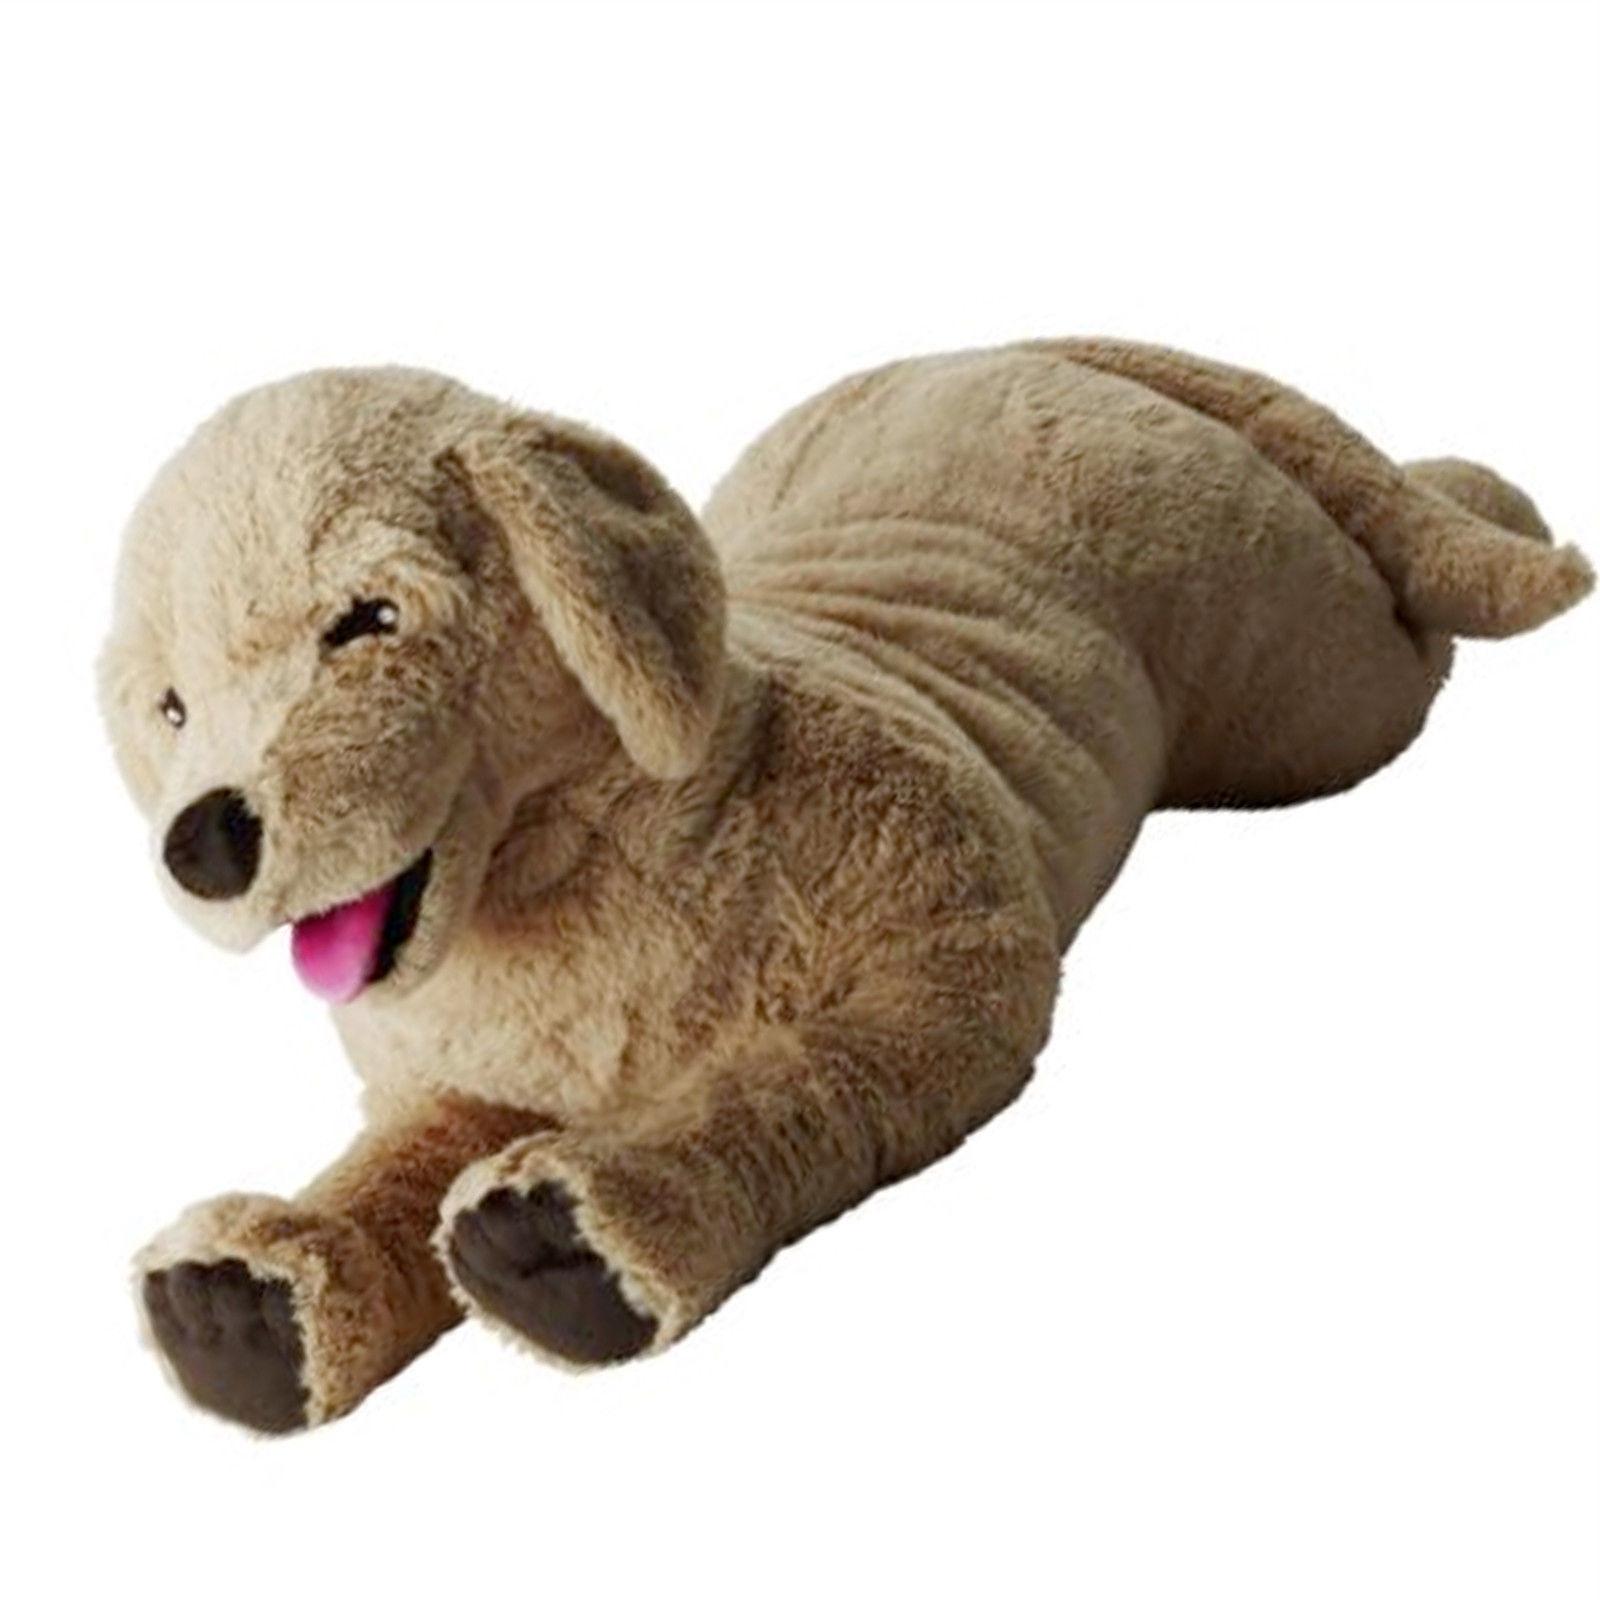 ikea gosig golden stofftier hund 70cm stoffhund kuscheltier spielzeug xxl neu traumfabrik xxl. Black Bedroom Furniture Sets. Home Design Ideas